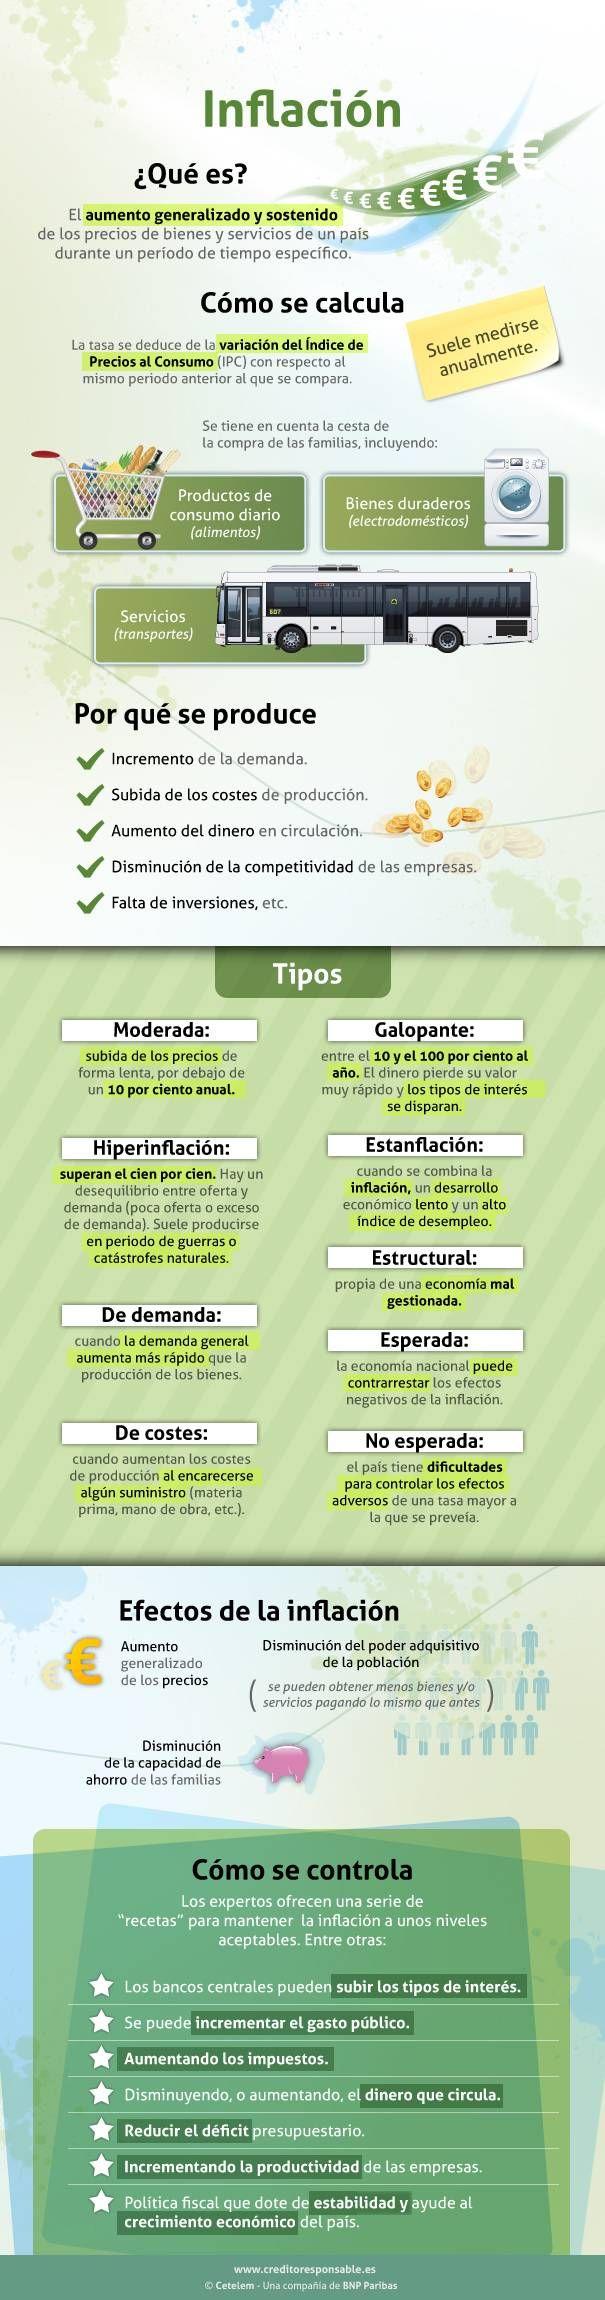 LA ECONOMÍA: Analiza la infografia luego escribe 7 posibles soluciones al problema de la inflación en EEUU y en América Latina. (Actividad por M. Melara)